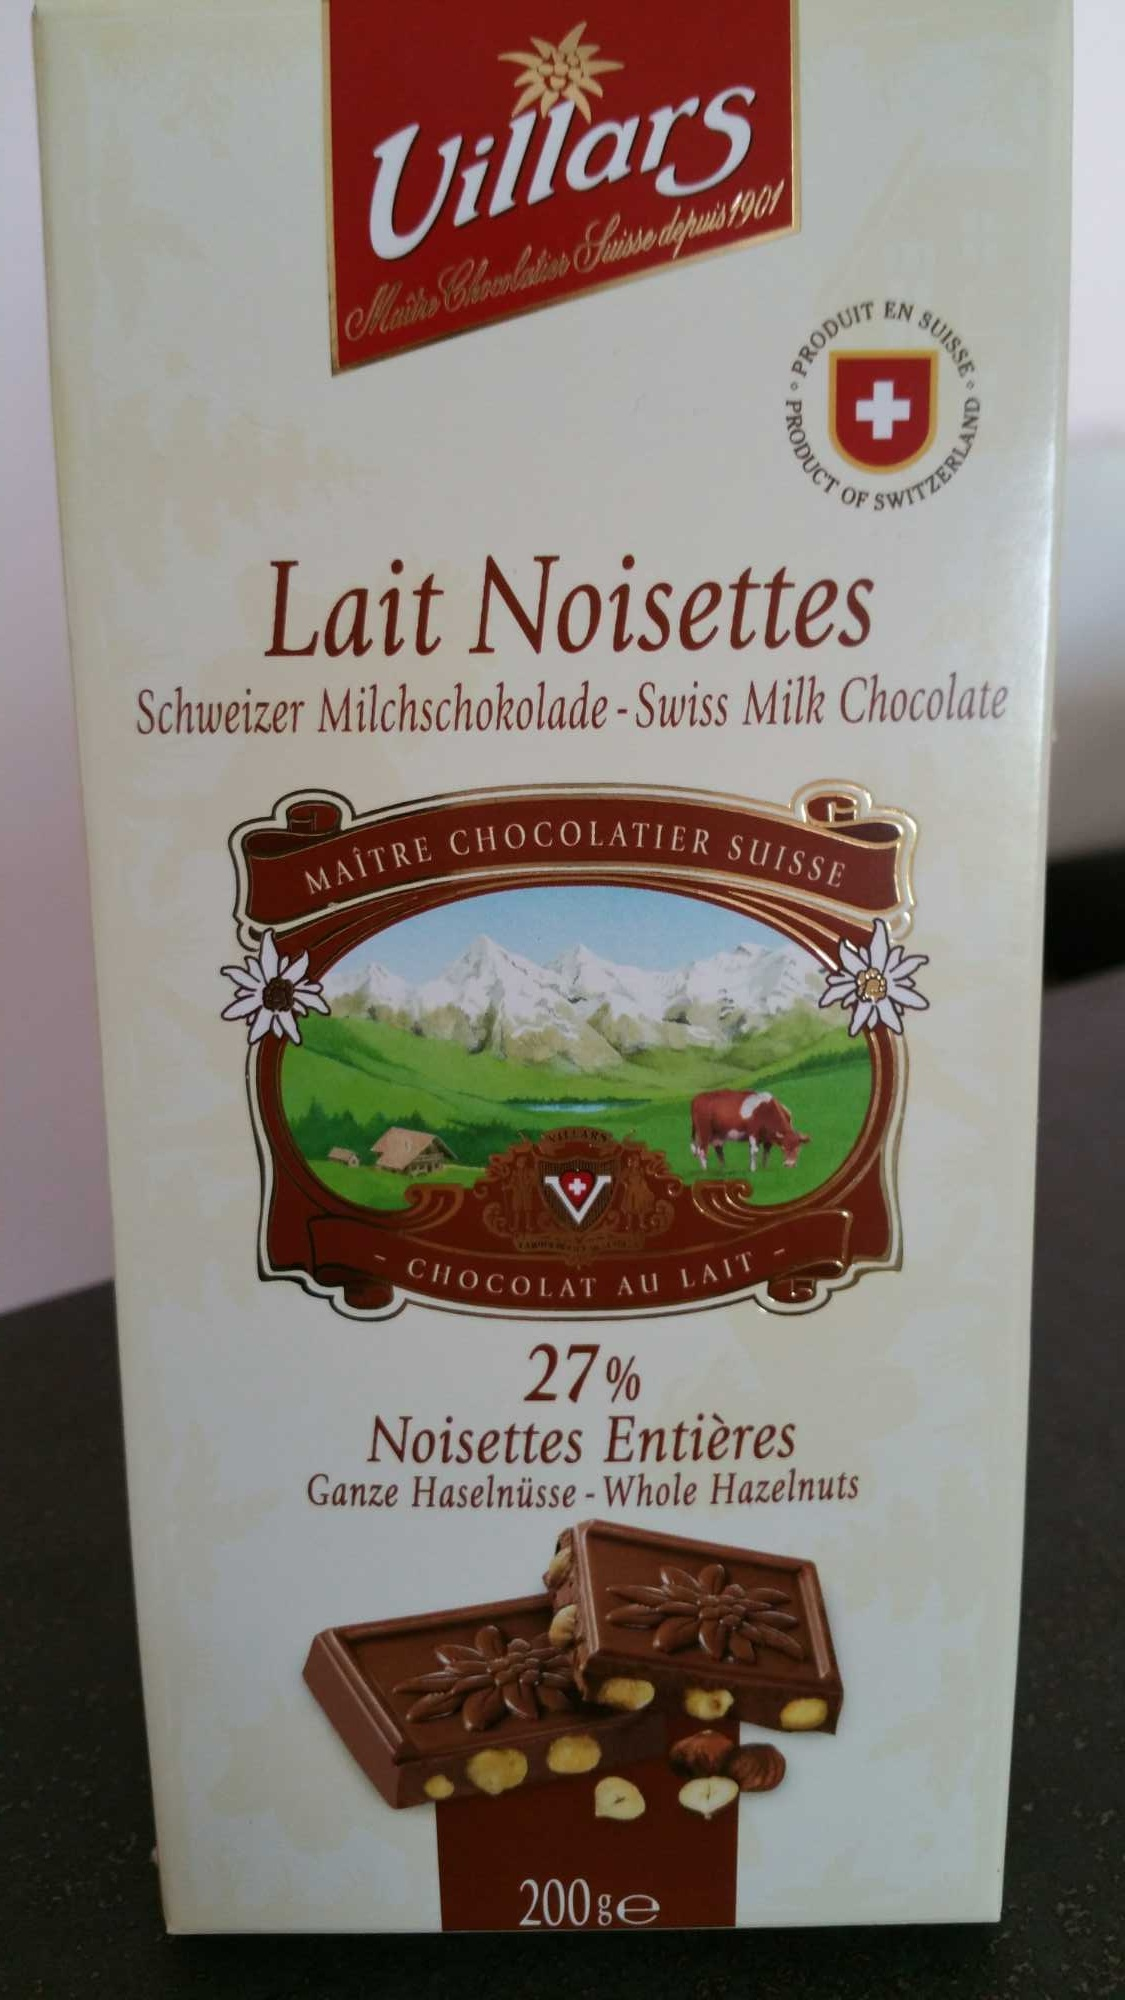 Lait Noisettes - Product - fr